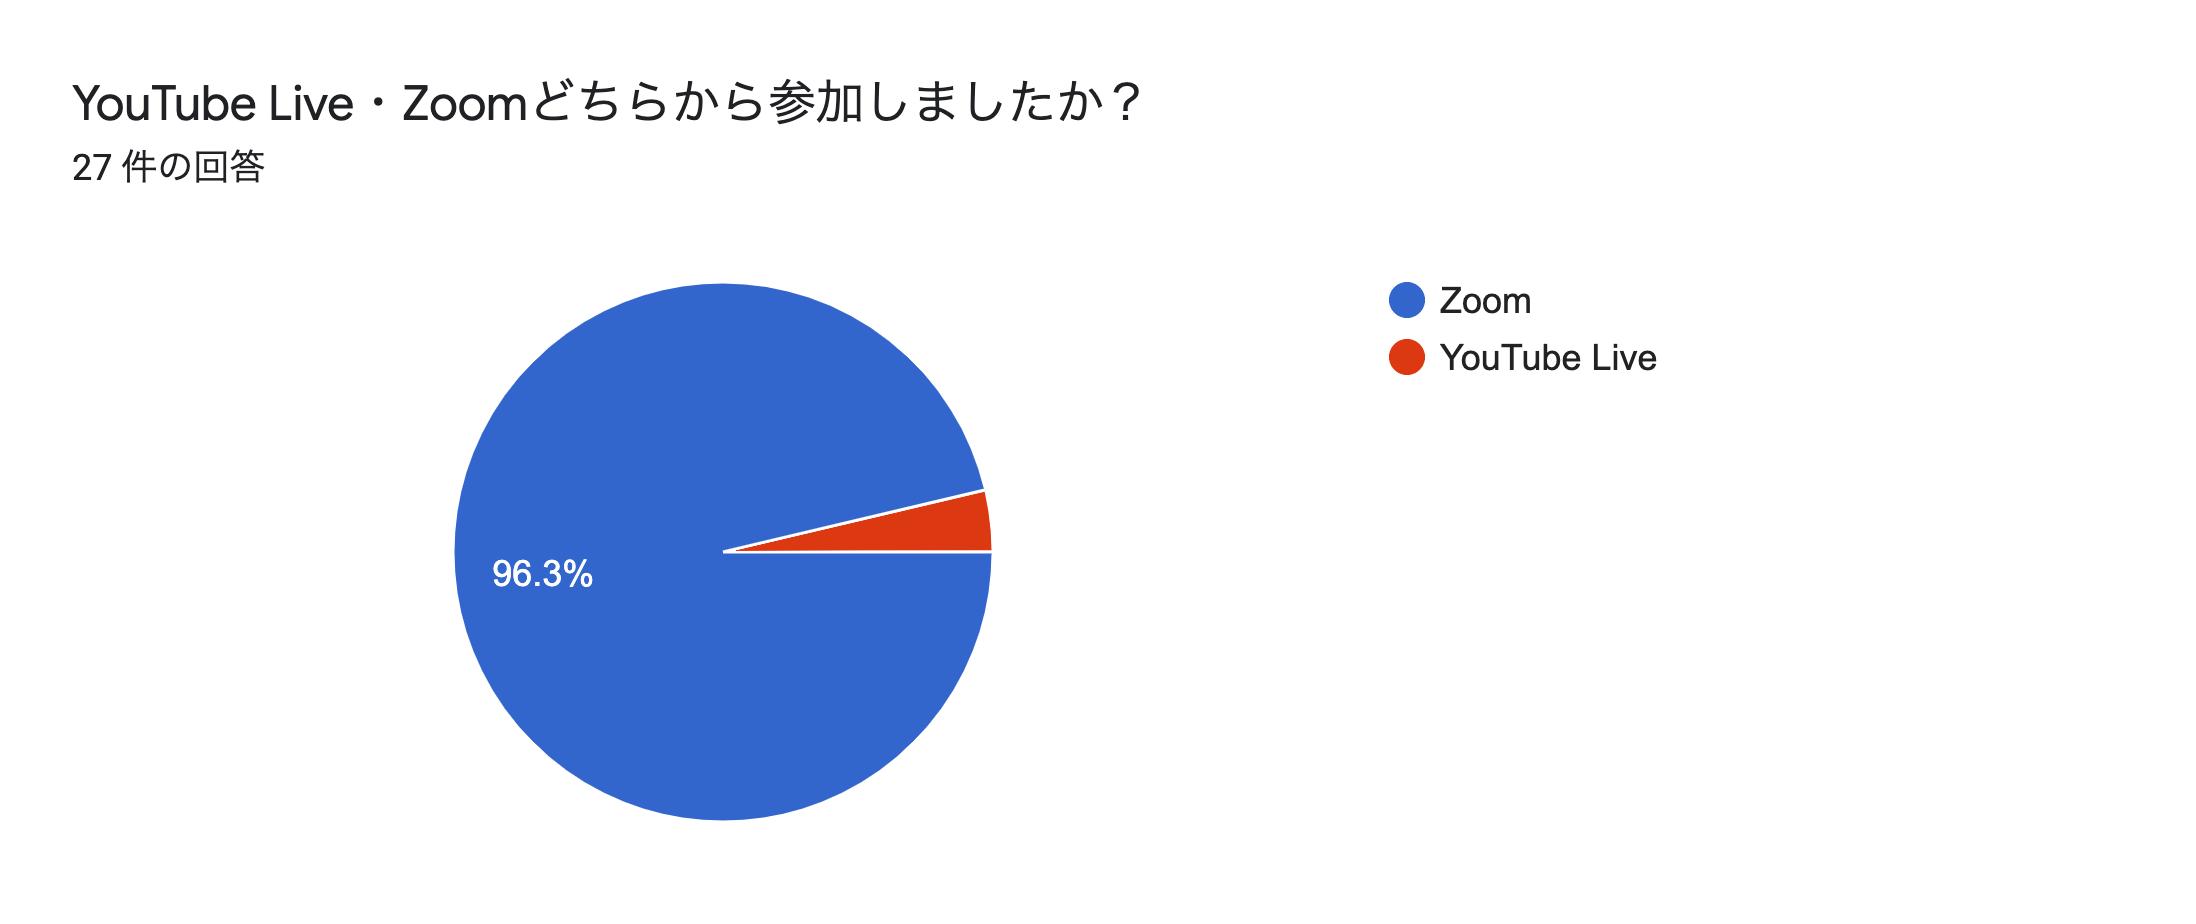 フォームの回答のグラフ。質問のタイトル: YouTube Live・Zoomどちらから参加しましたか?。回答数: 27 件の回答。